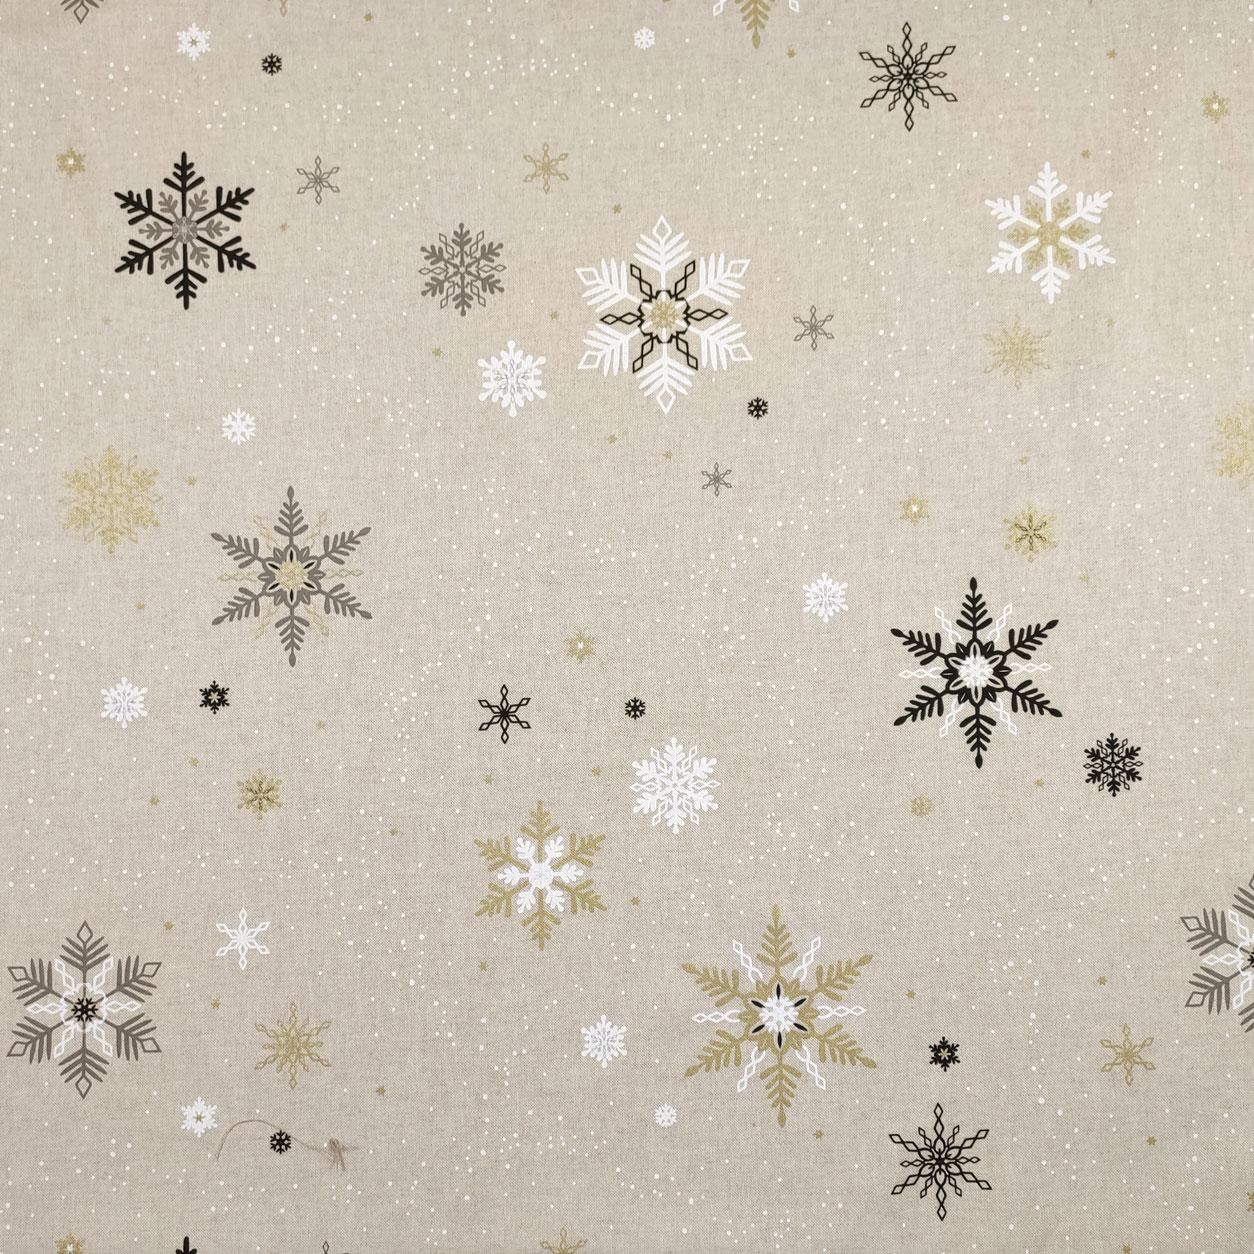 Tessuto Misto Cotone Panama Fiocchi di Neve Colorati